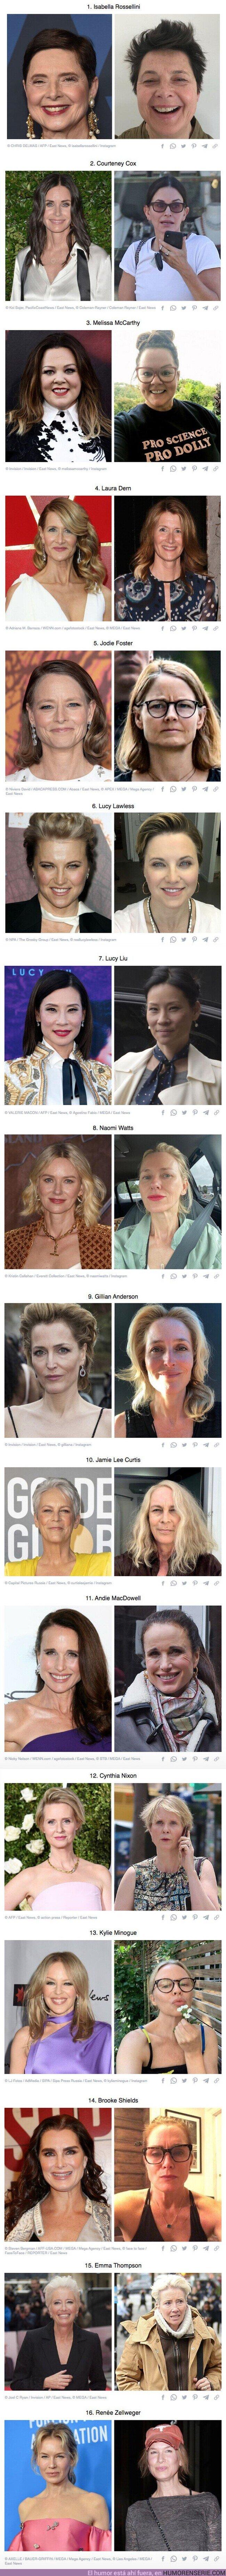 81900 - 16 actrices que deslumbran en las alfombras rojas, pero en la vida no se diferencian de la gente común, siendo una más